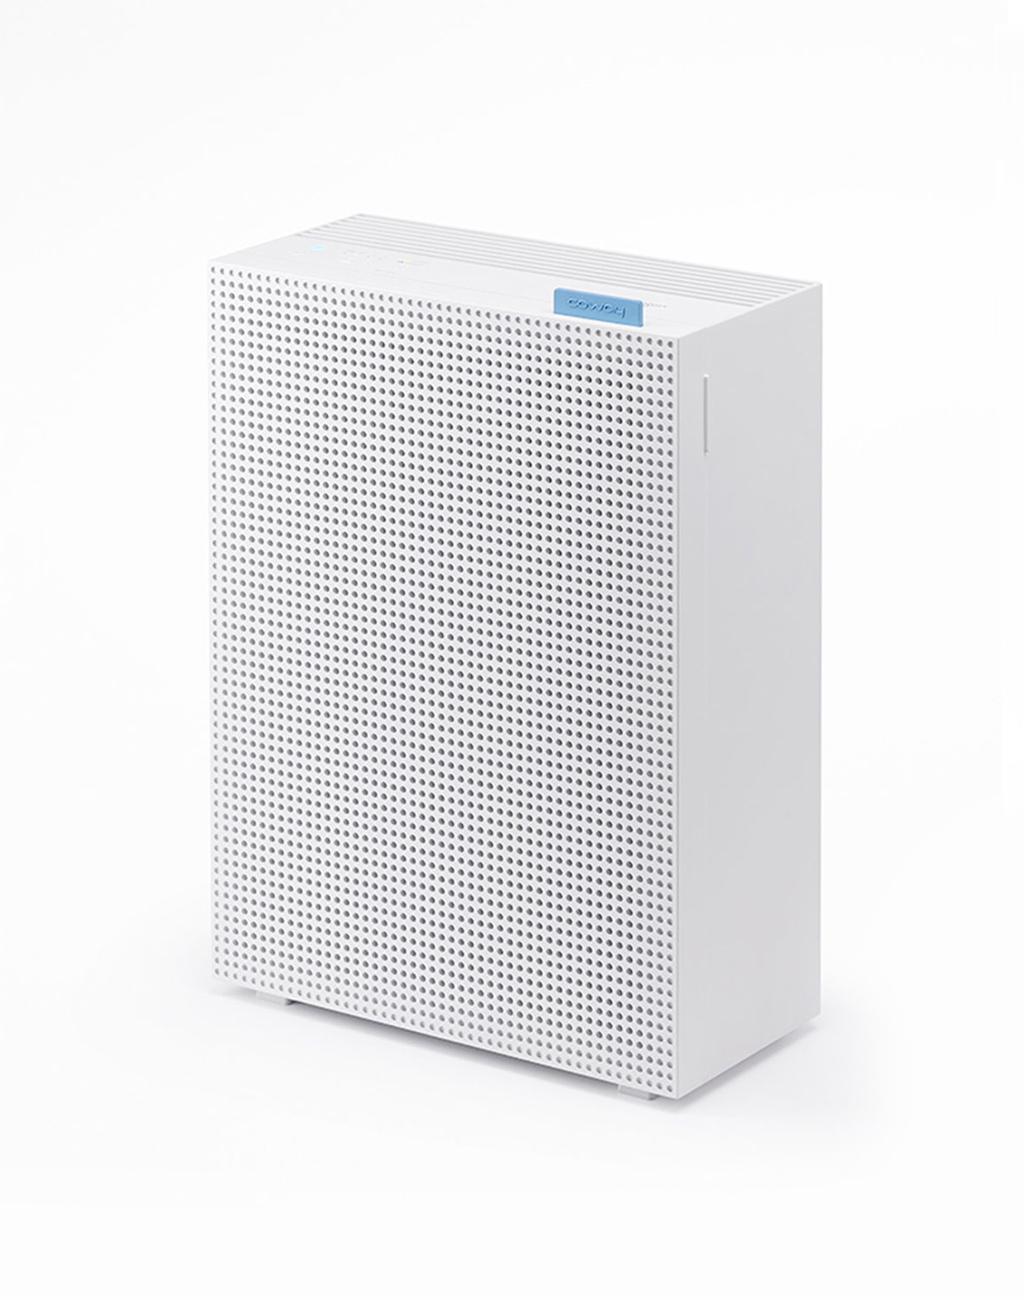 Coway Airmega 150 Air Purifier